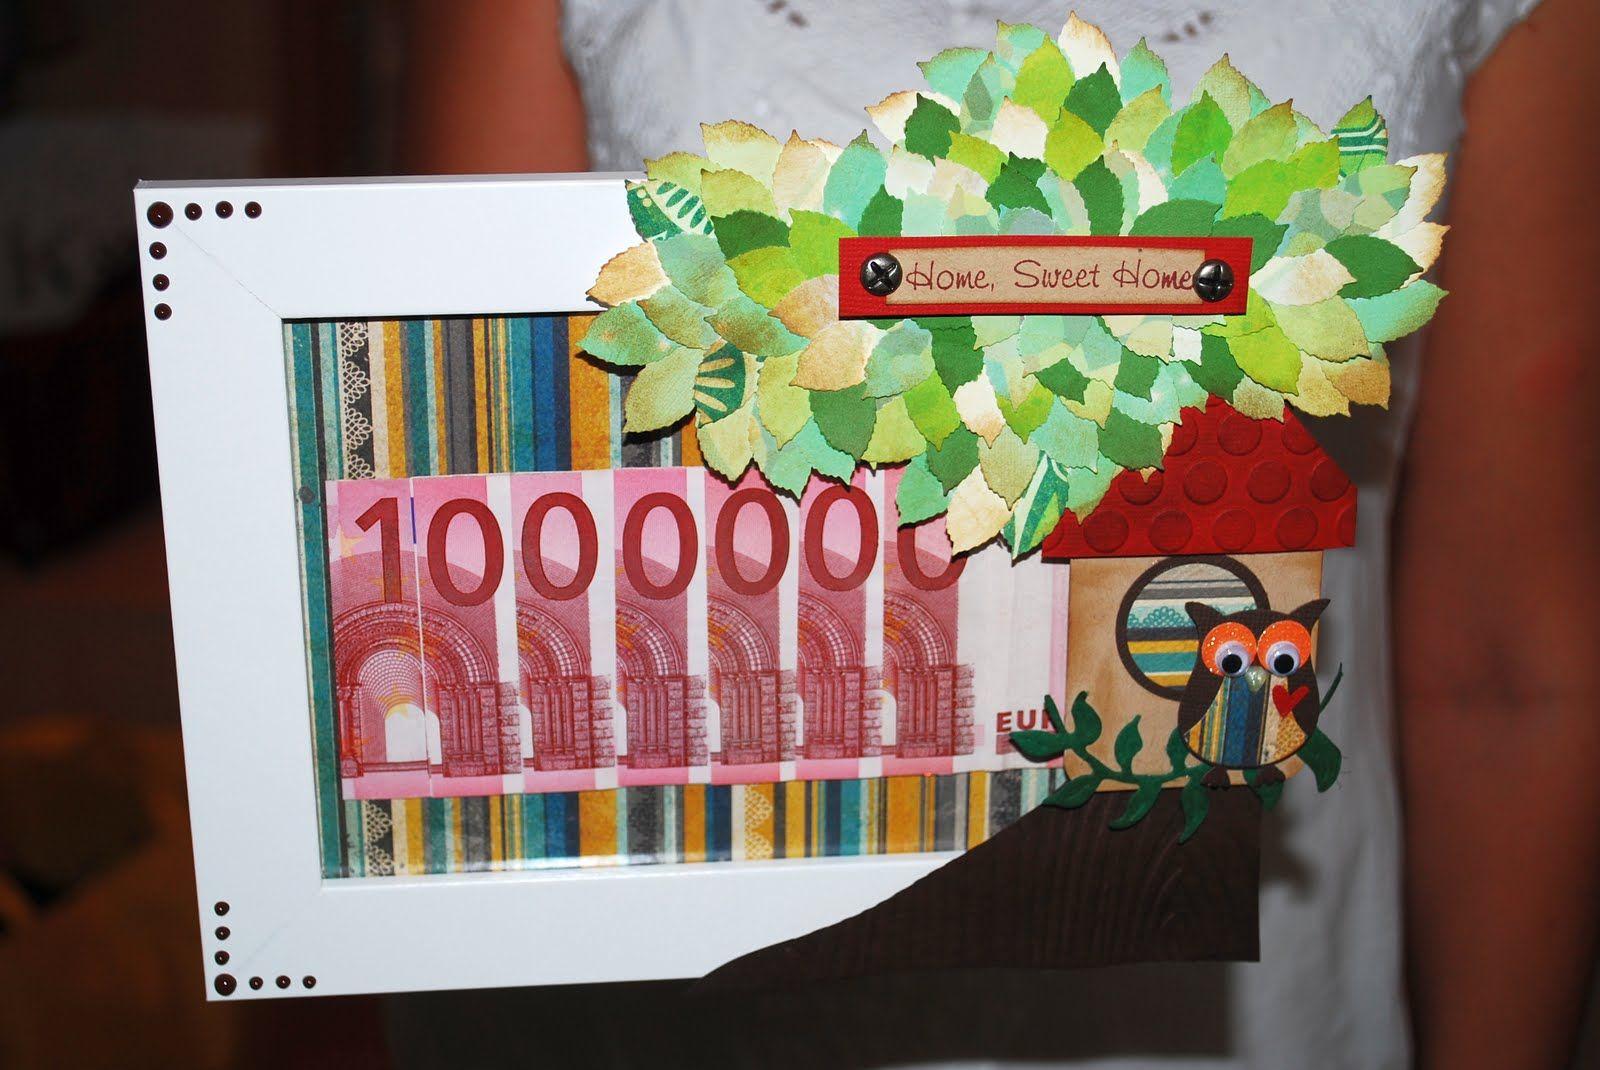 veeeell geld geld als geschenk geldgeschenk pinterest geldgeschenke. Black Bedroom Furniture Sets. Home Design Ideas